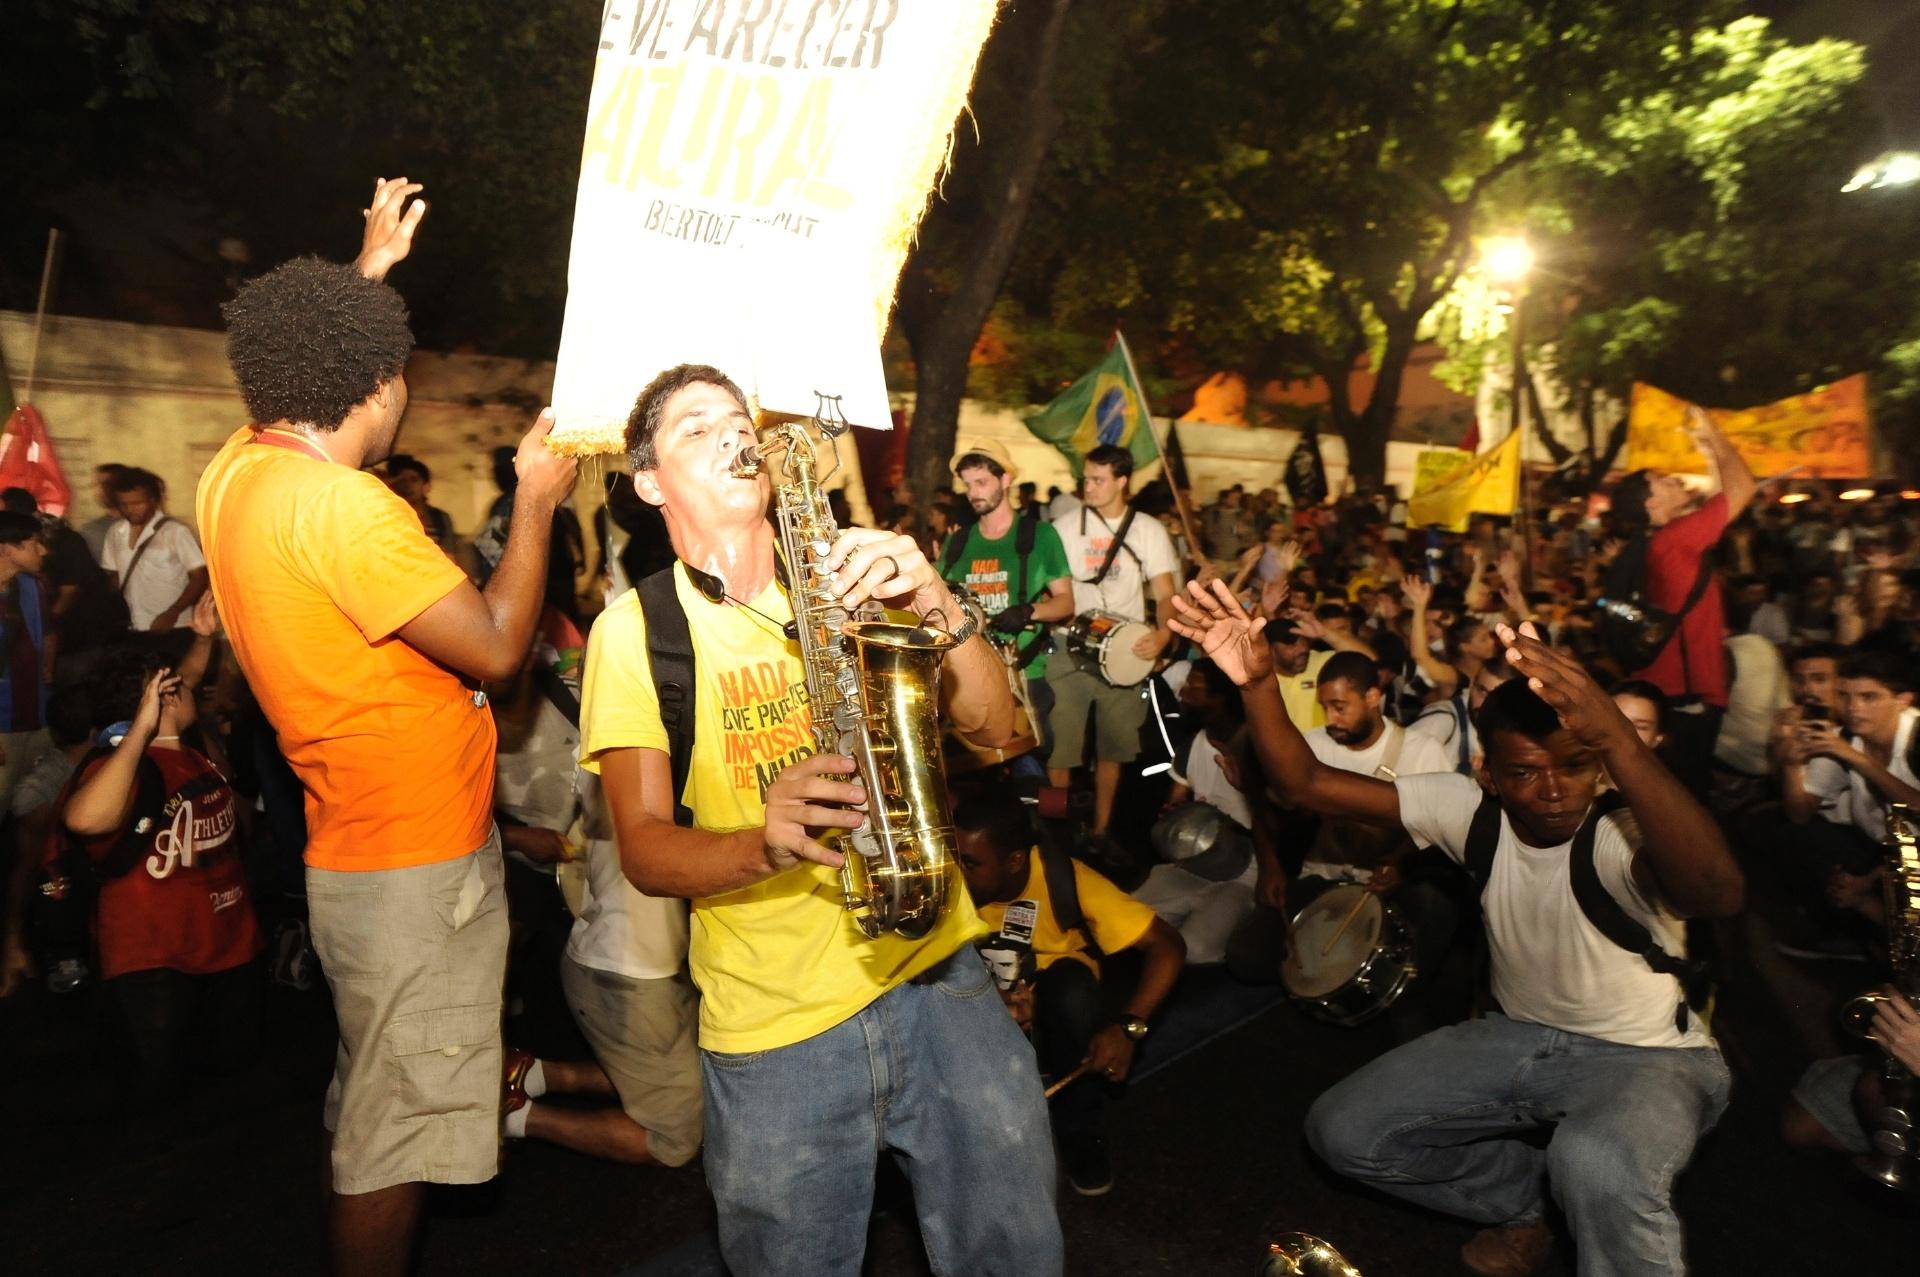 13.fev.2014 - Manifestantes tocam marchinhas de carnaval durante passeata no centro do Rio de Janeiro, em protesto contra o aumento da tarifa de ônibus na capital, nesta quinta-feira (13). Pelo menos mil pessoas participam do ato, que segue pacífico. Os manifestantes caminham rumo à estação de trens Central do Brasil